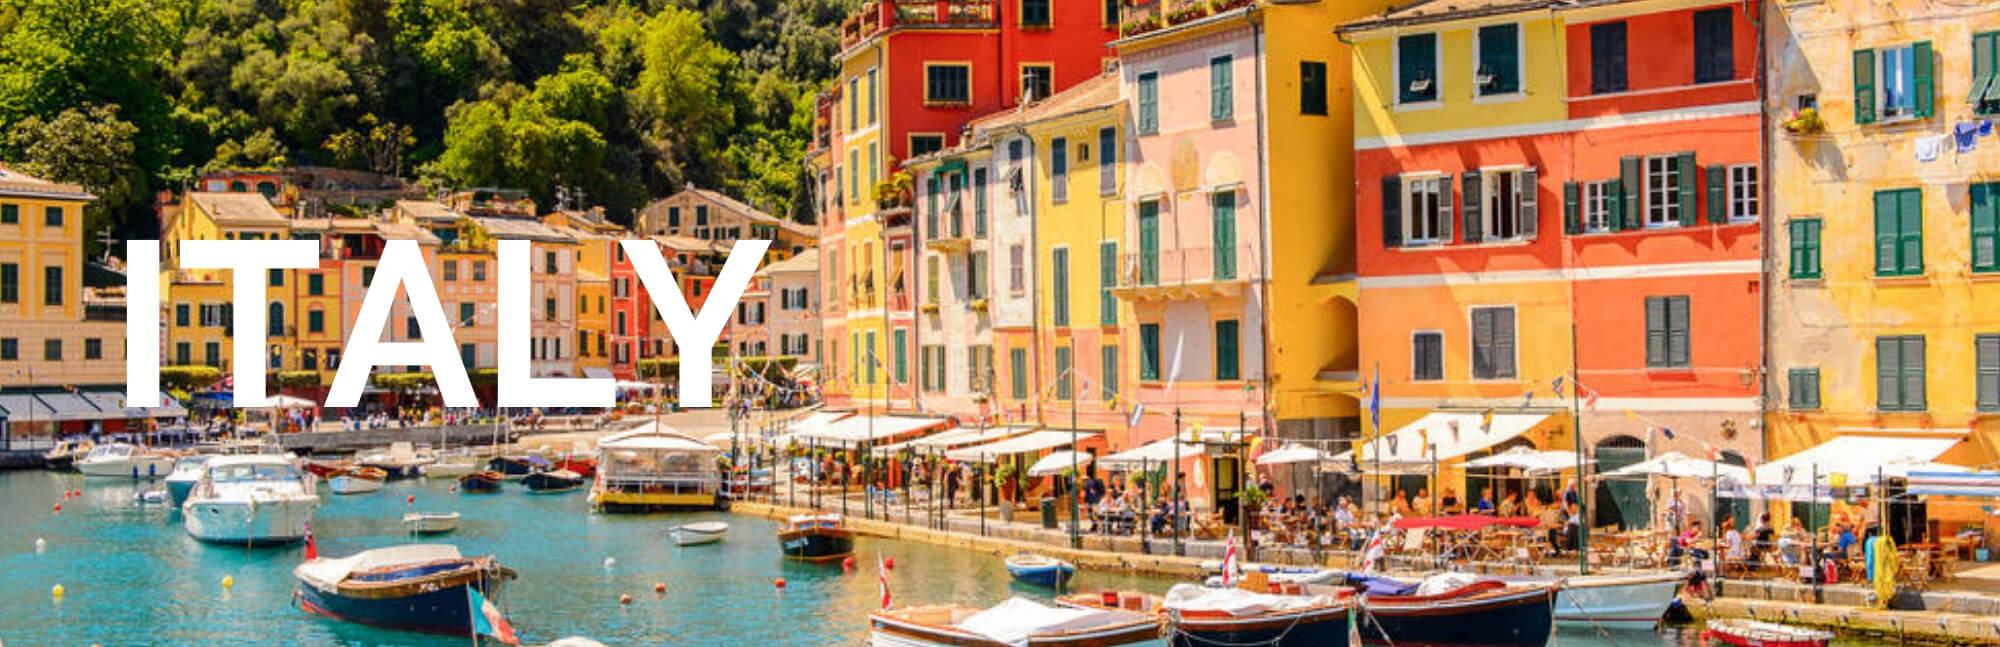 Девичник в Италии: Весенняя Лигурия